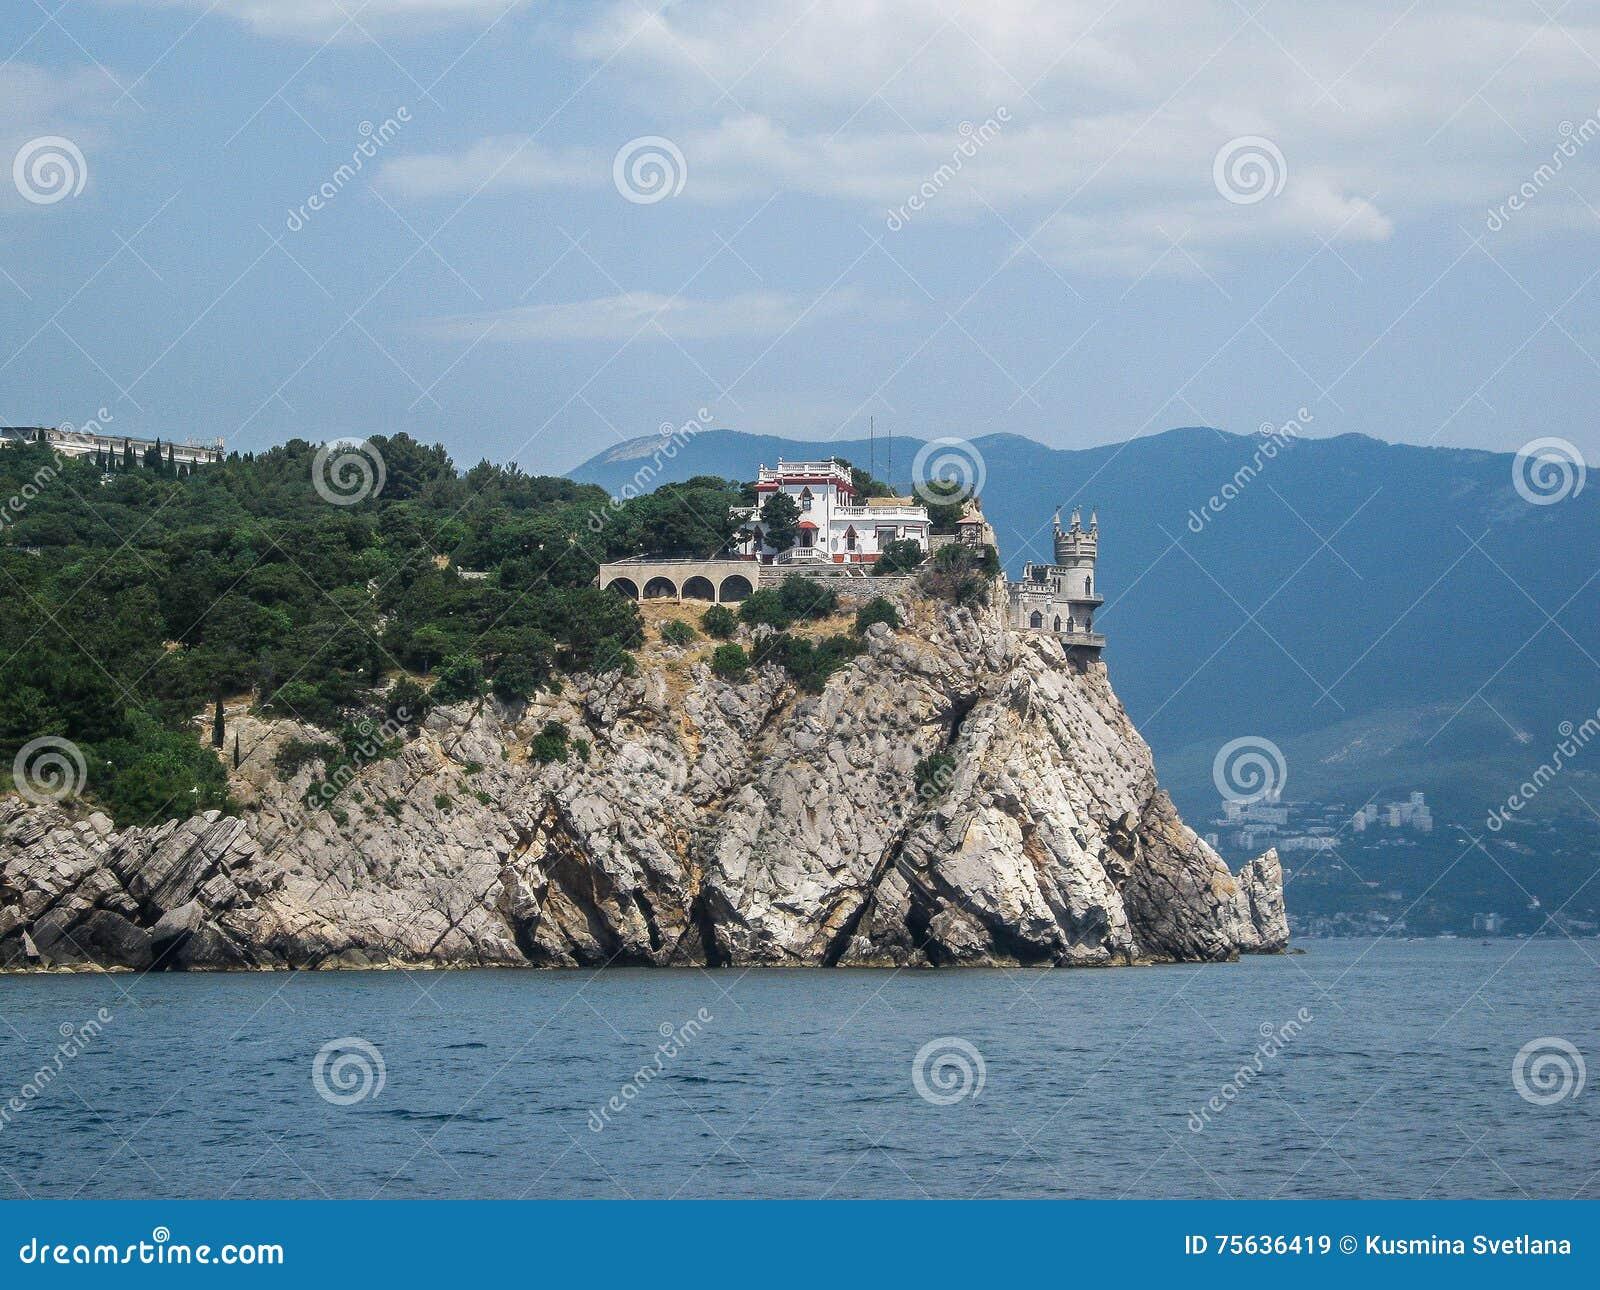 Landscape of the coast of the Crimea.